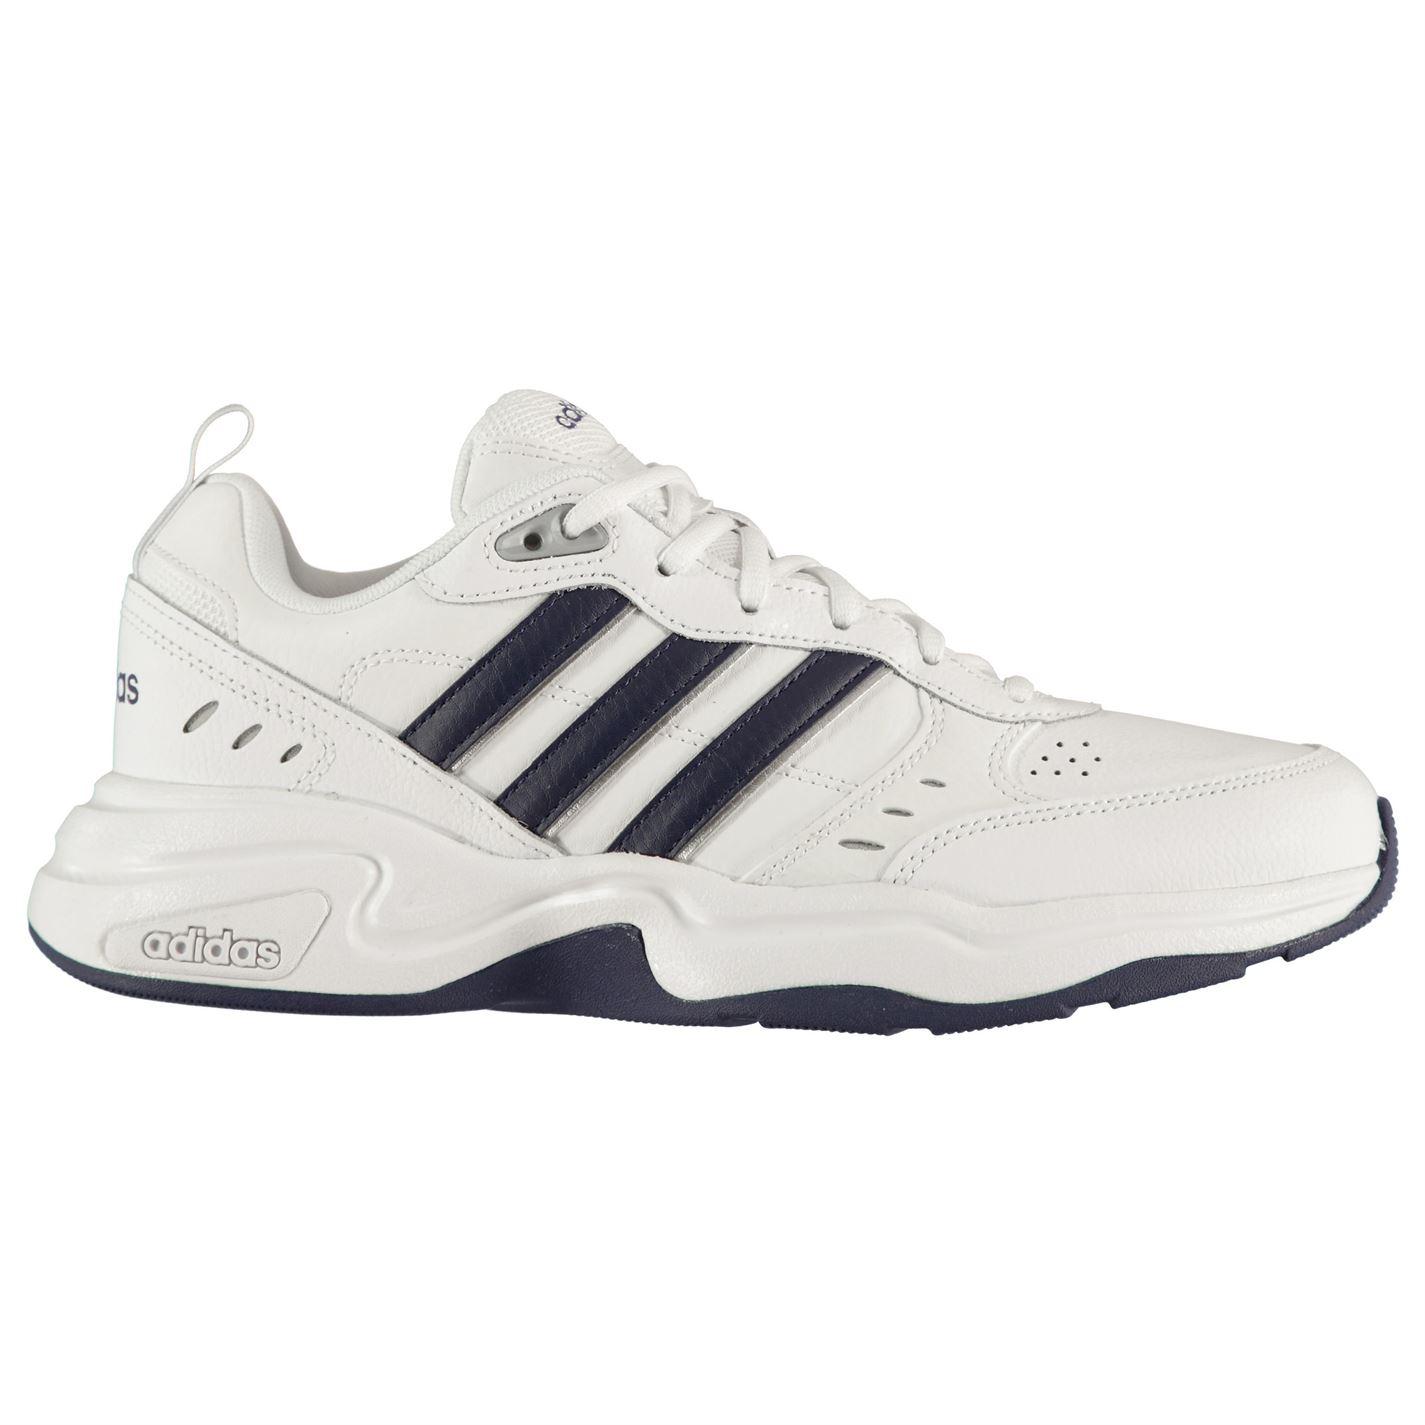 Adidas Strutter pánske tenisky